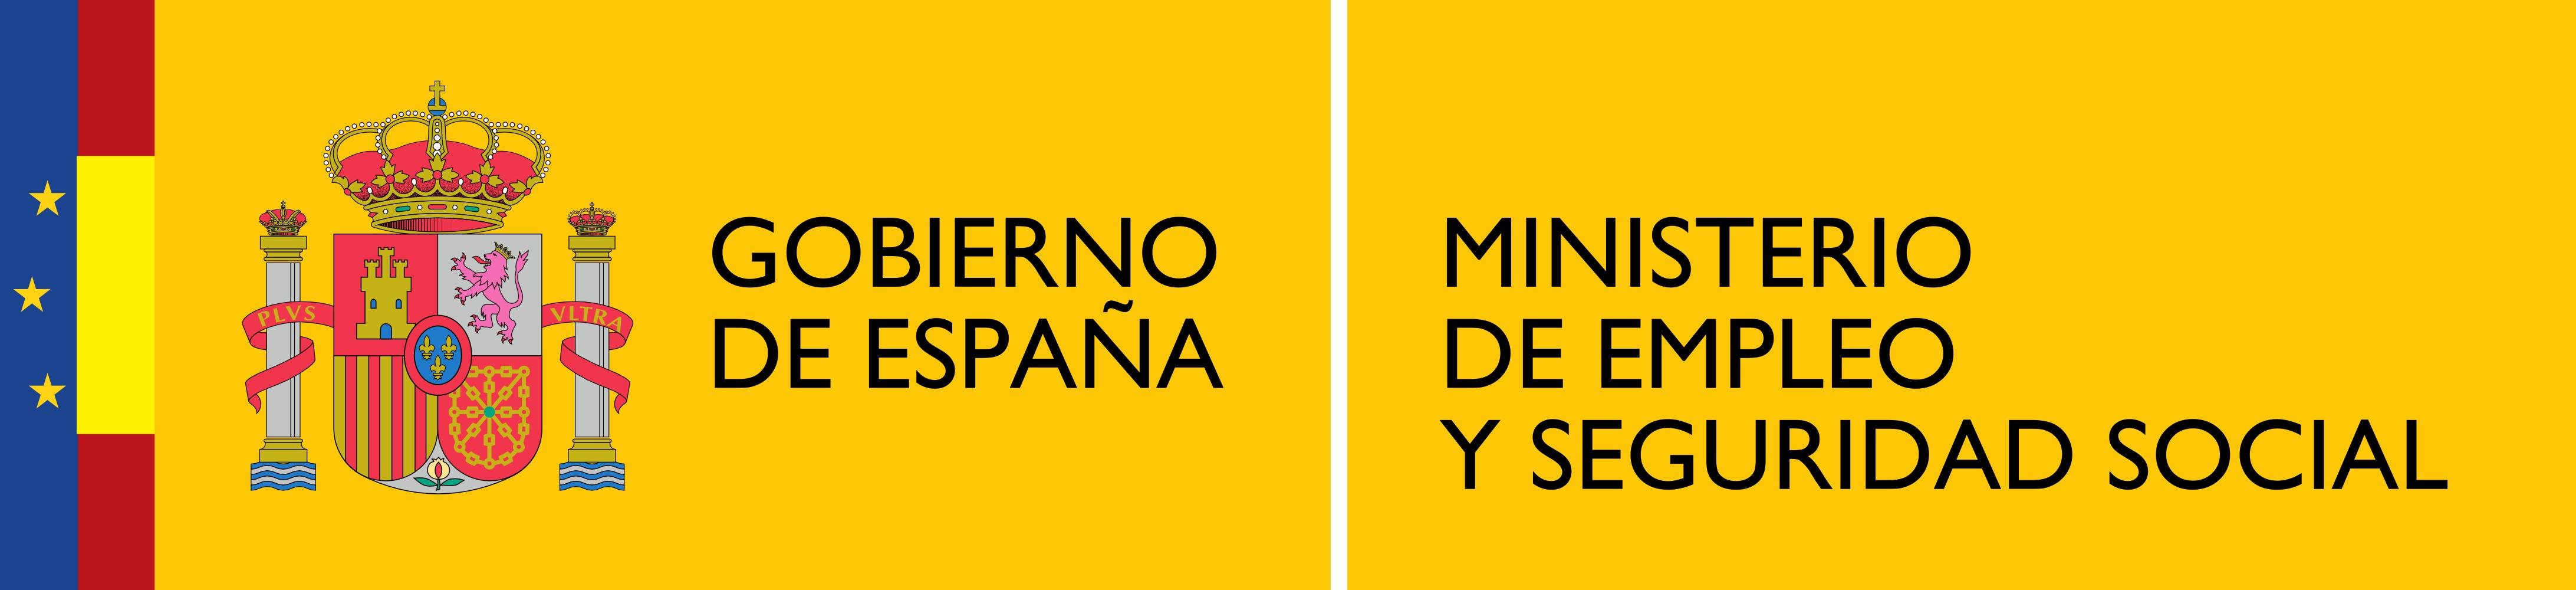 Seguridd social logo